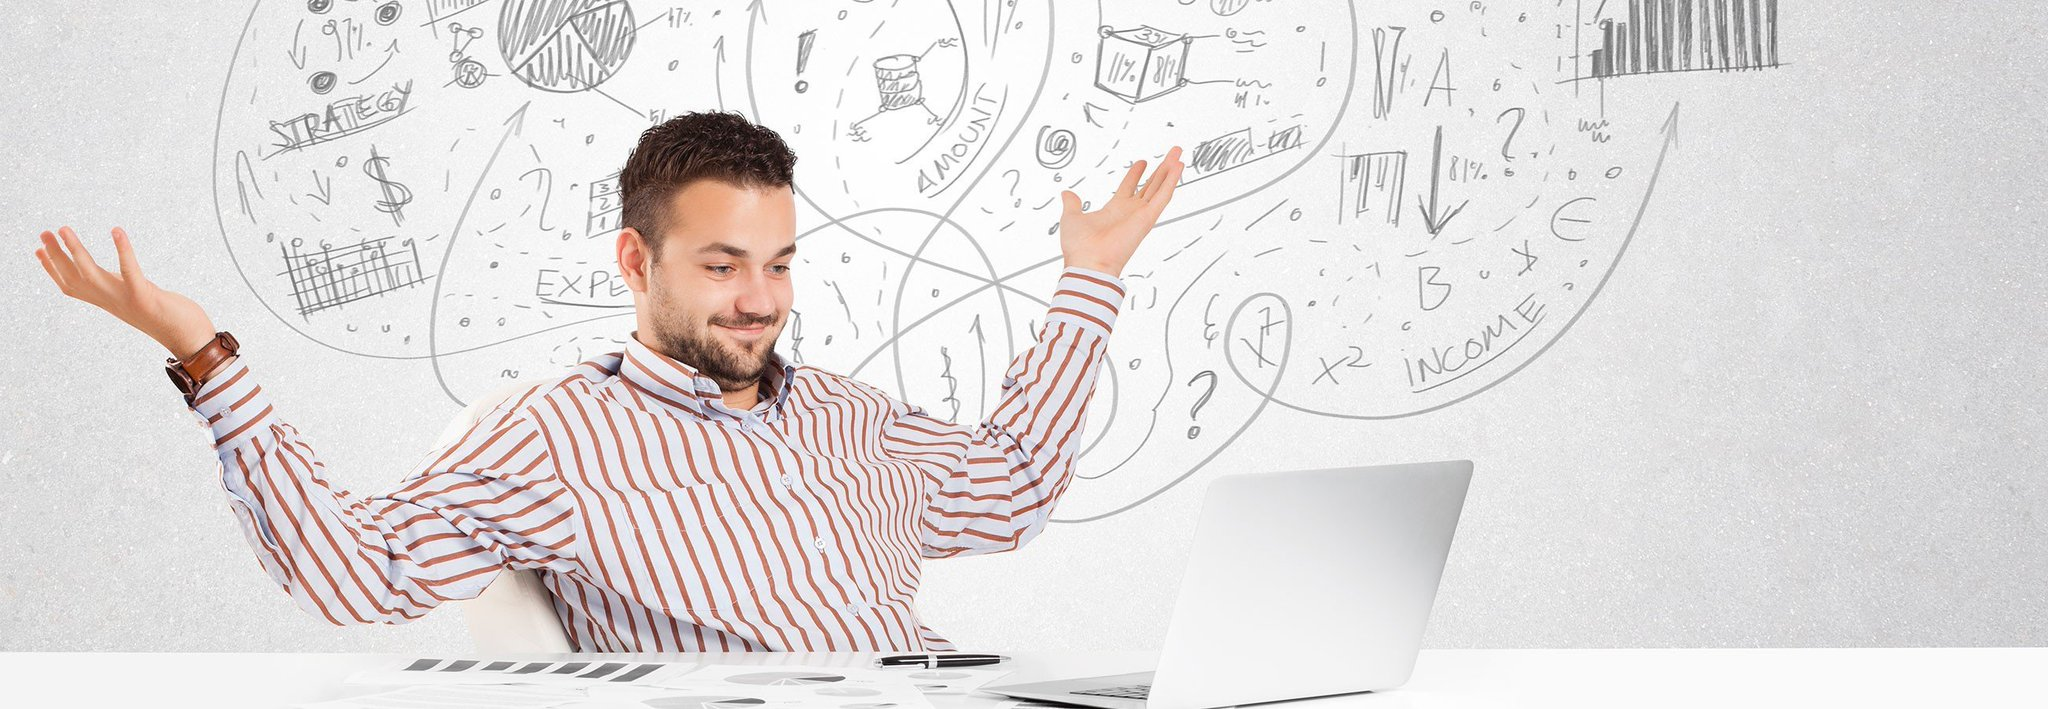 25 идей для нового хобби и 50 ресурсов-помощников